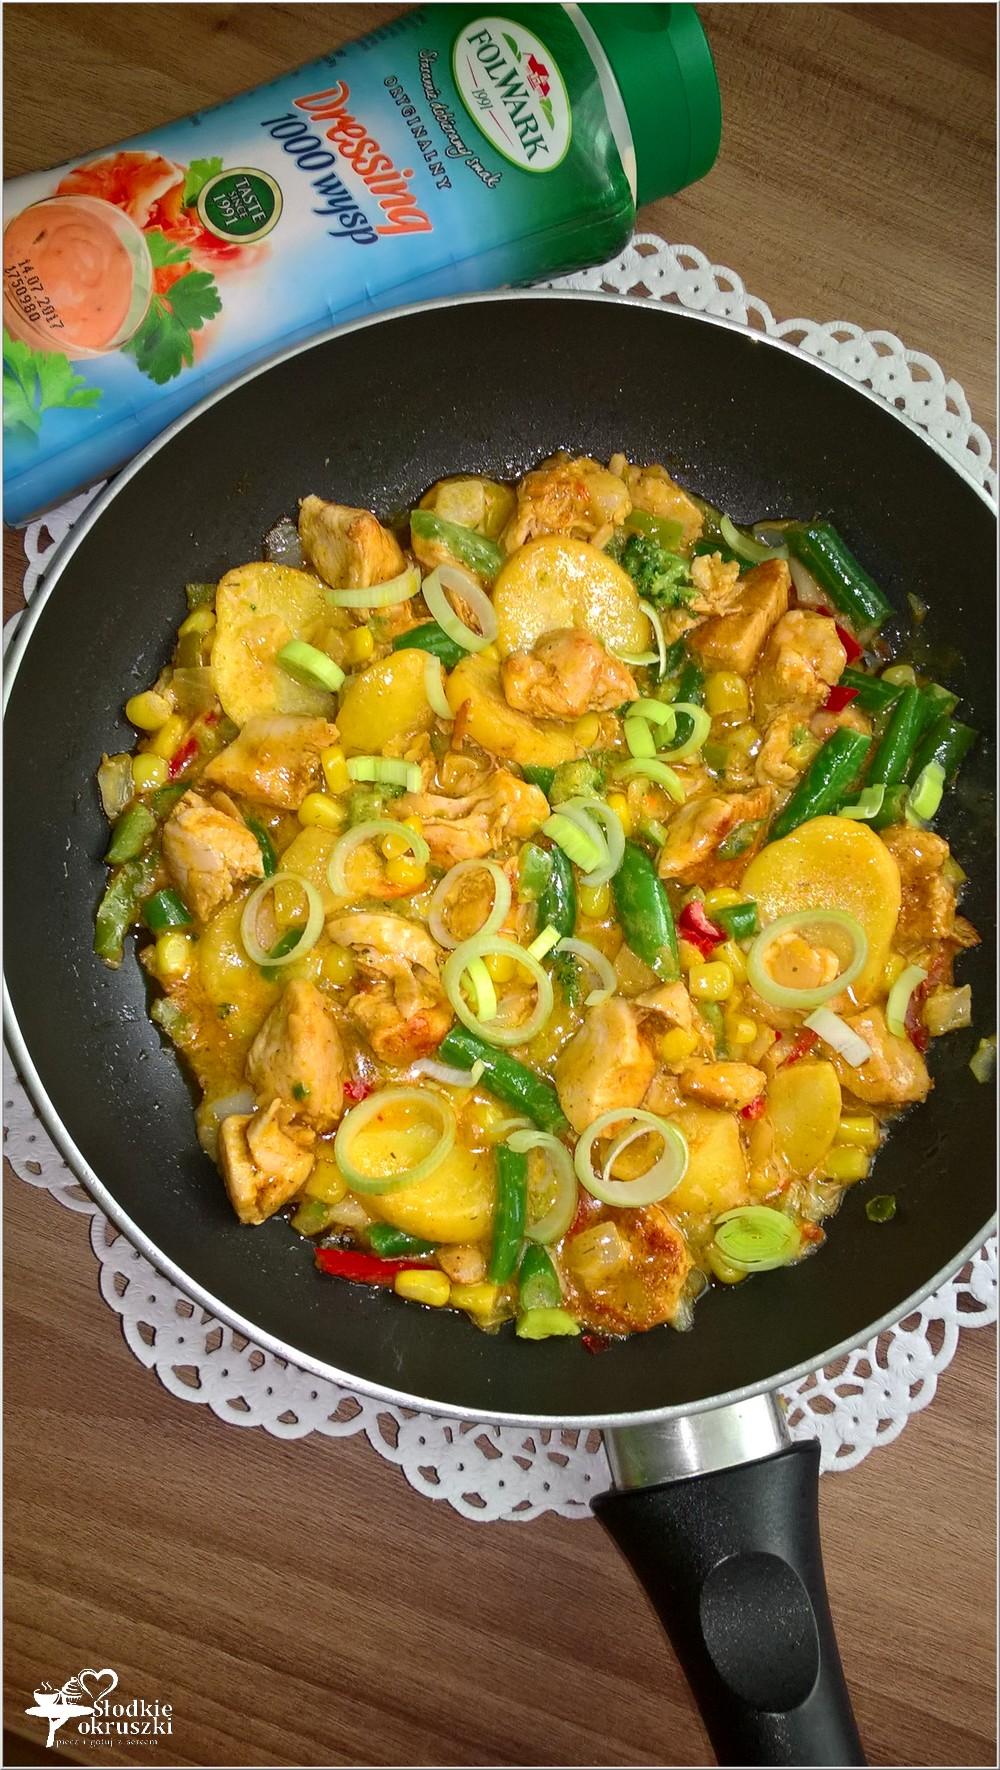 Szybki kurczak z warzywami w dessingu 1000 wysp (2)